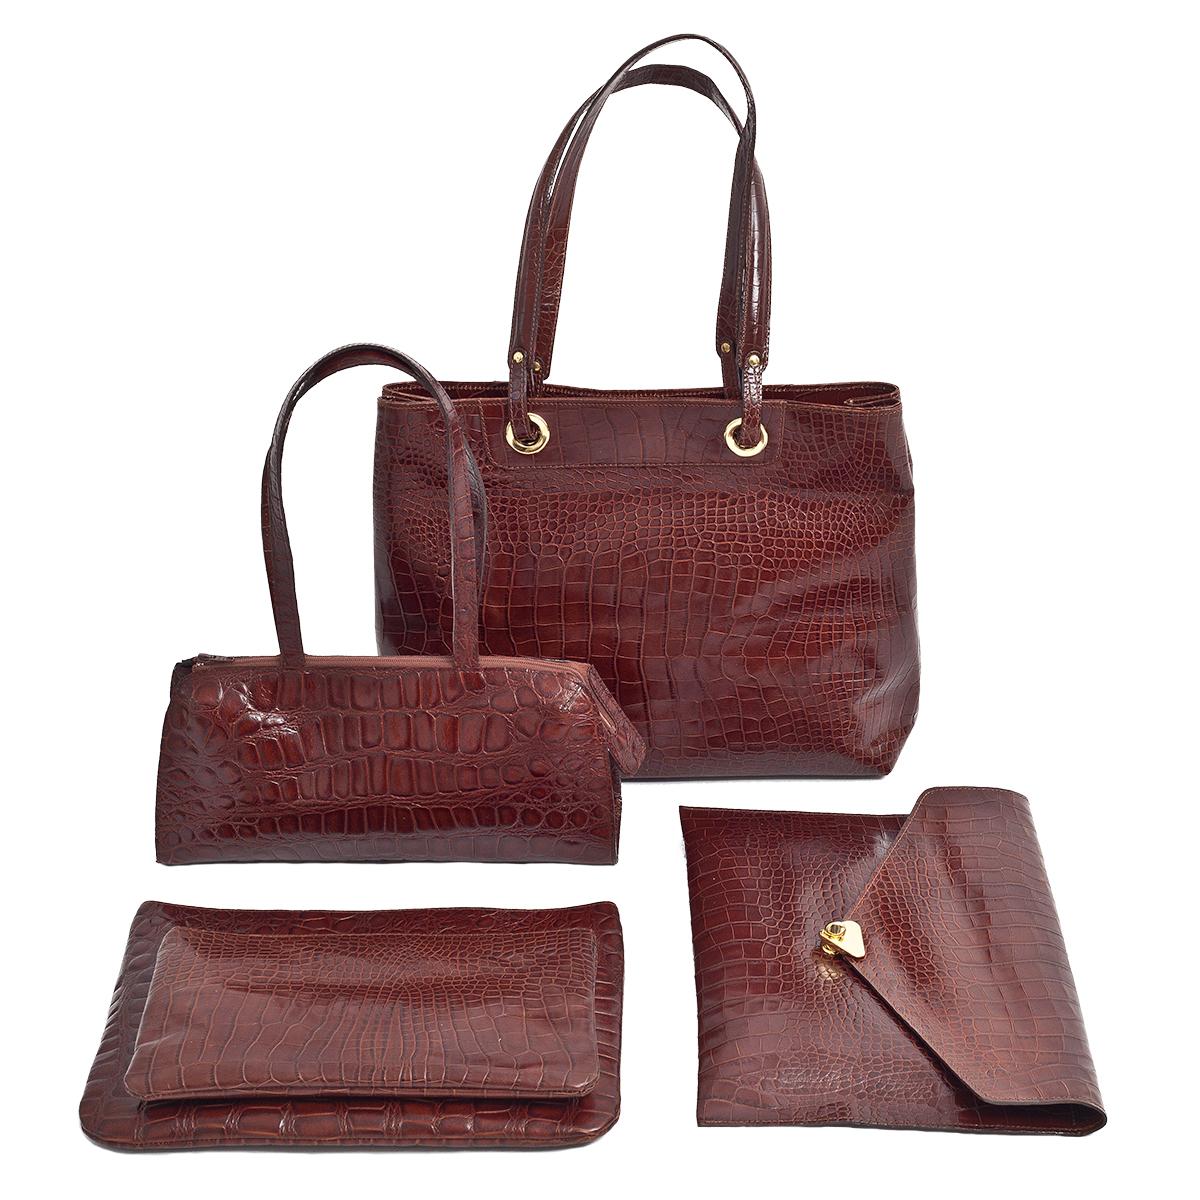 KIKA'S grand sac 199€, petit sac 120€, pochette habillée 99€ et pochettes zippée 35/39€, le tout en cuir façon croco.